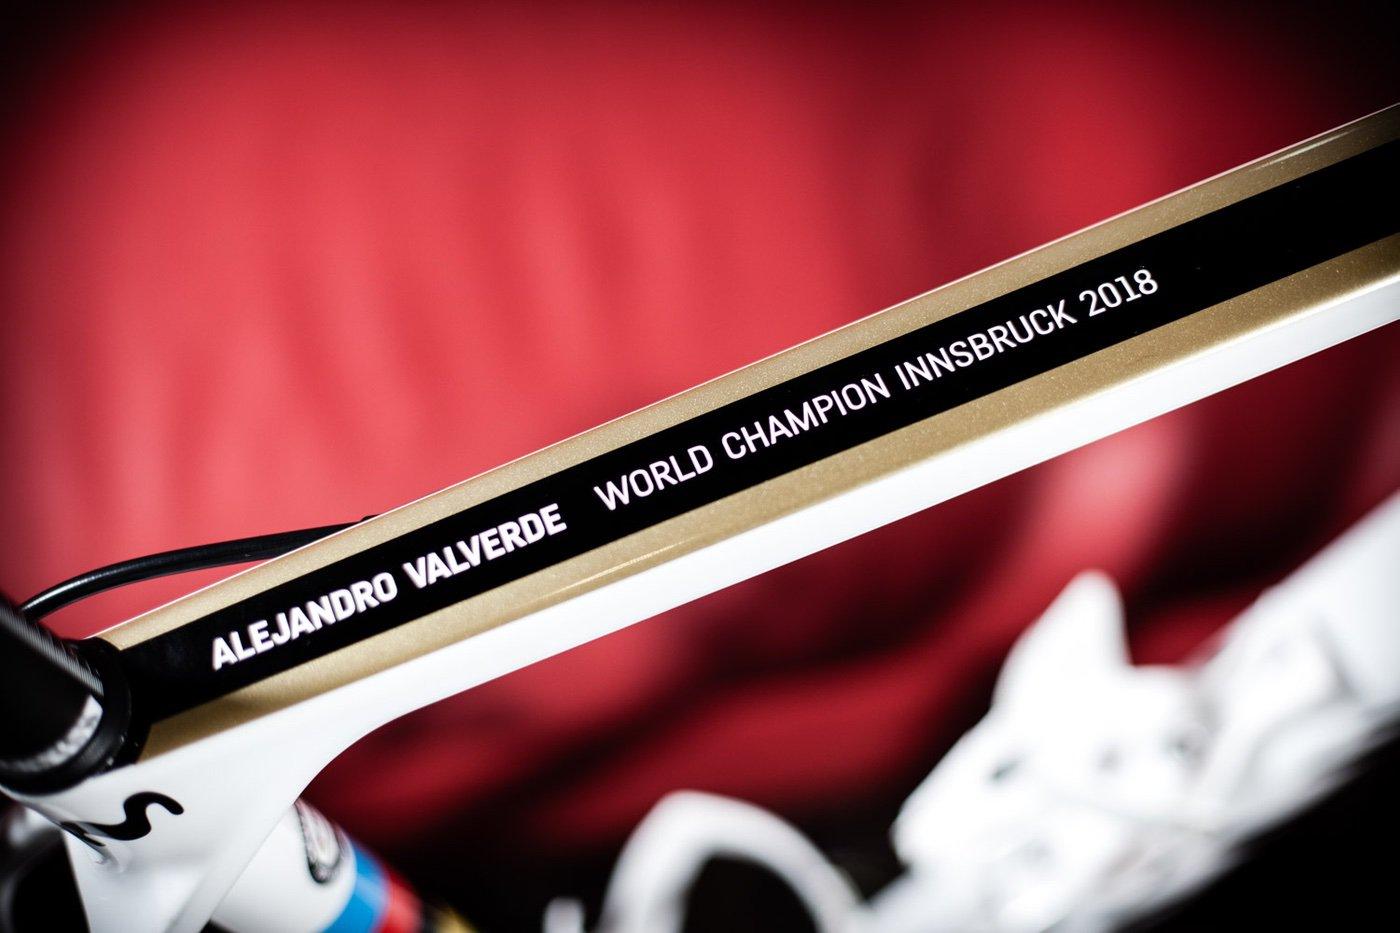 Canyon Ultimate de Alejandro Valverde personalizada con los colores de Campeón del Mundo